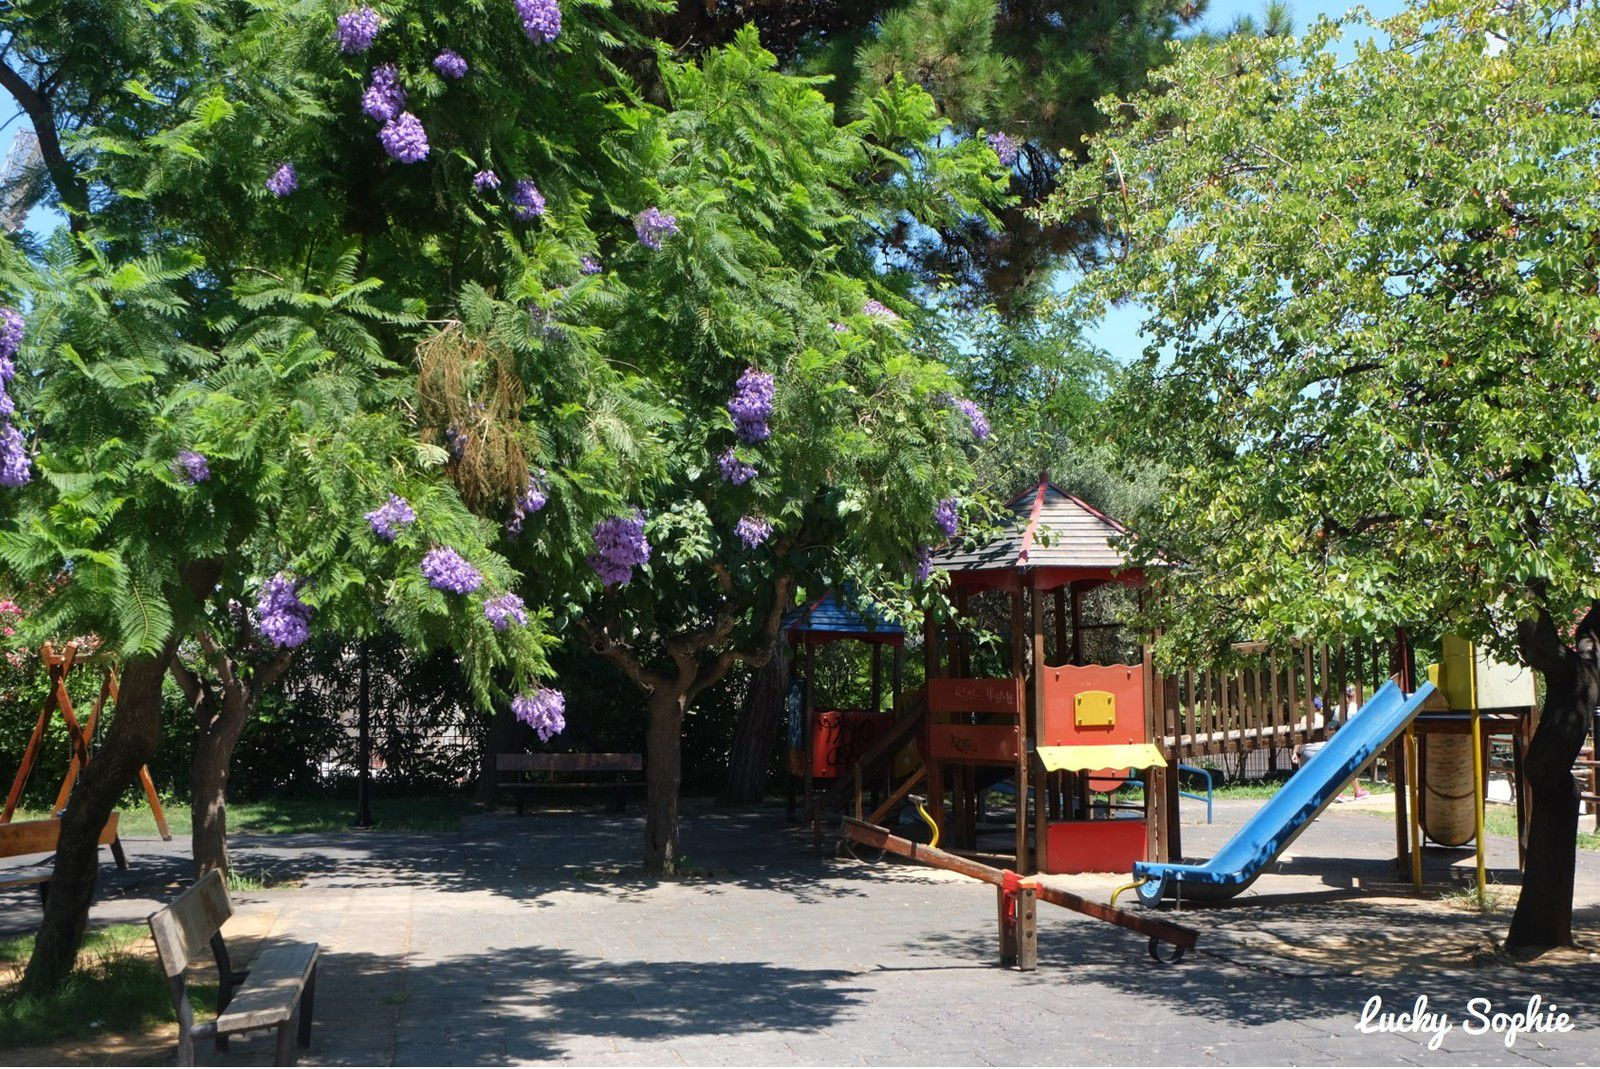 Avec des enfants, je vous conseille un arrêt au jardin botanique avec des jeux à l'ombre des arbres.